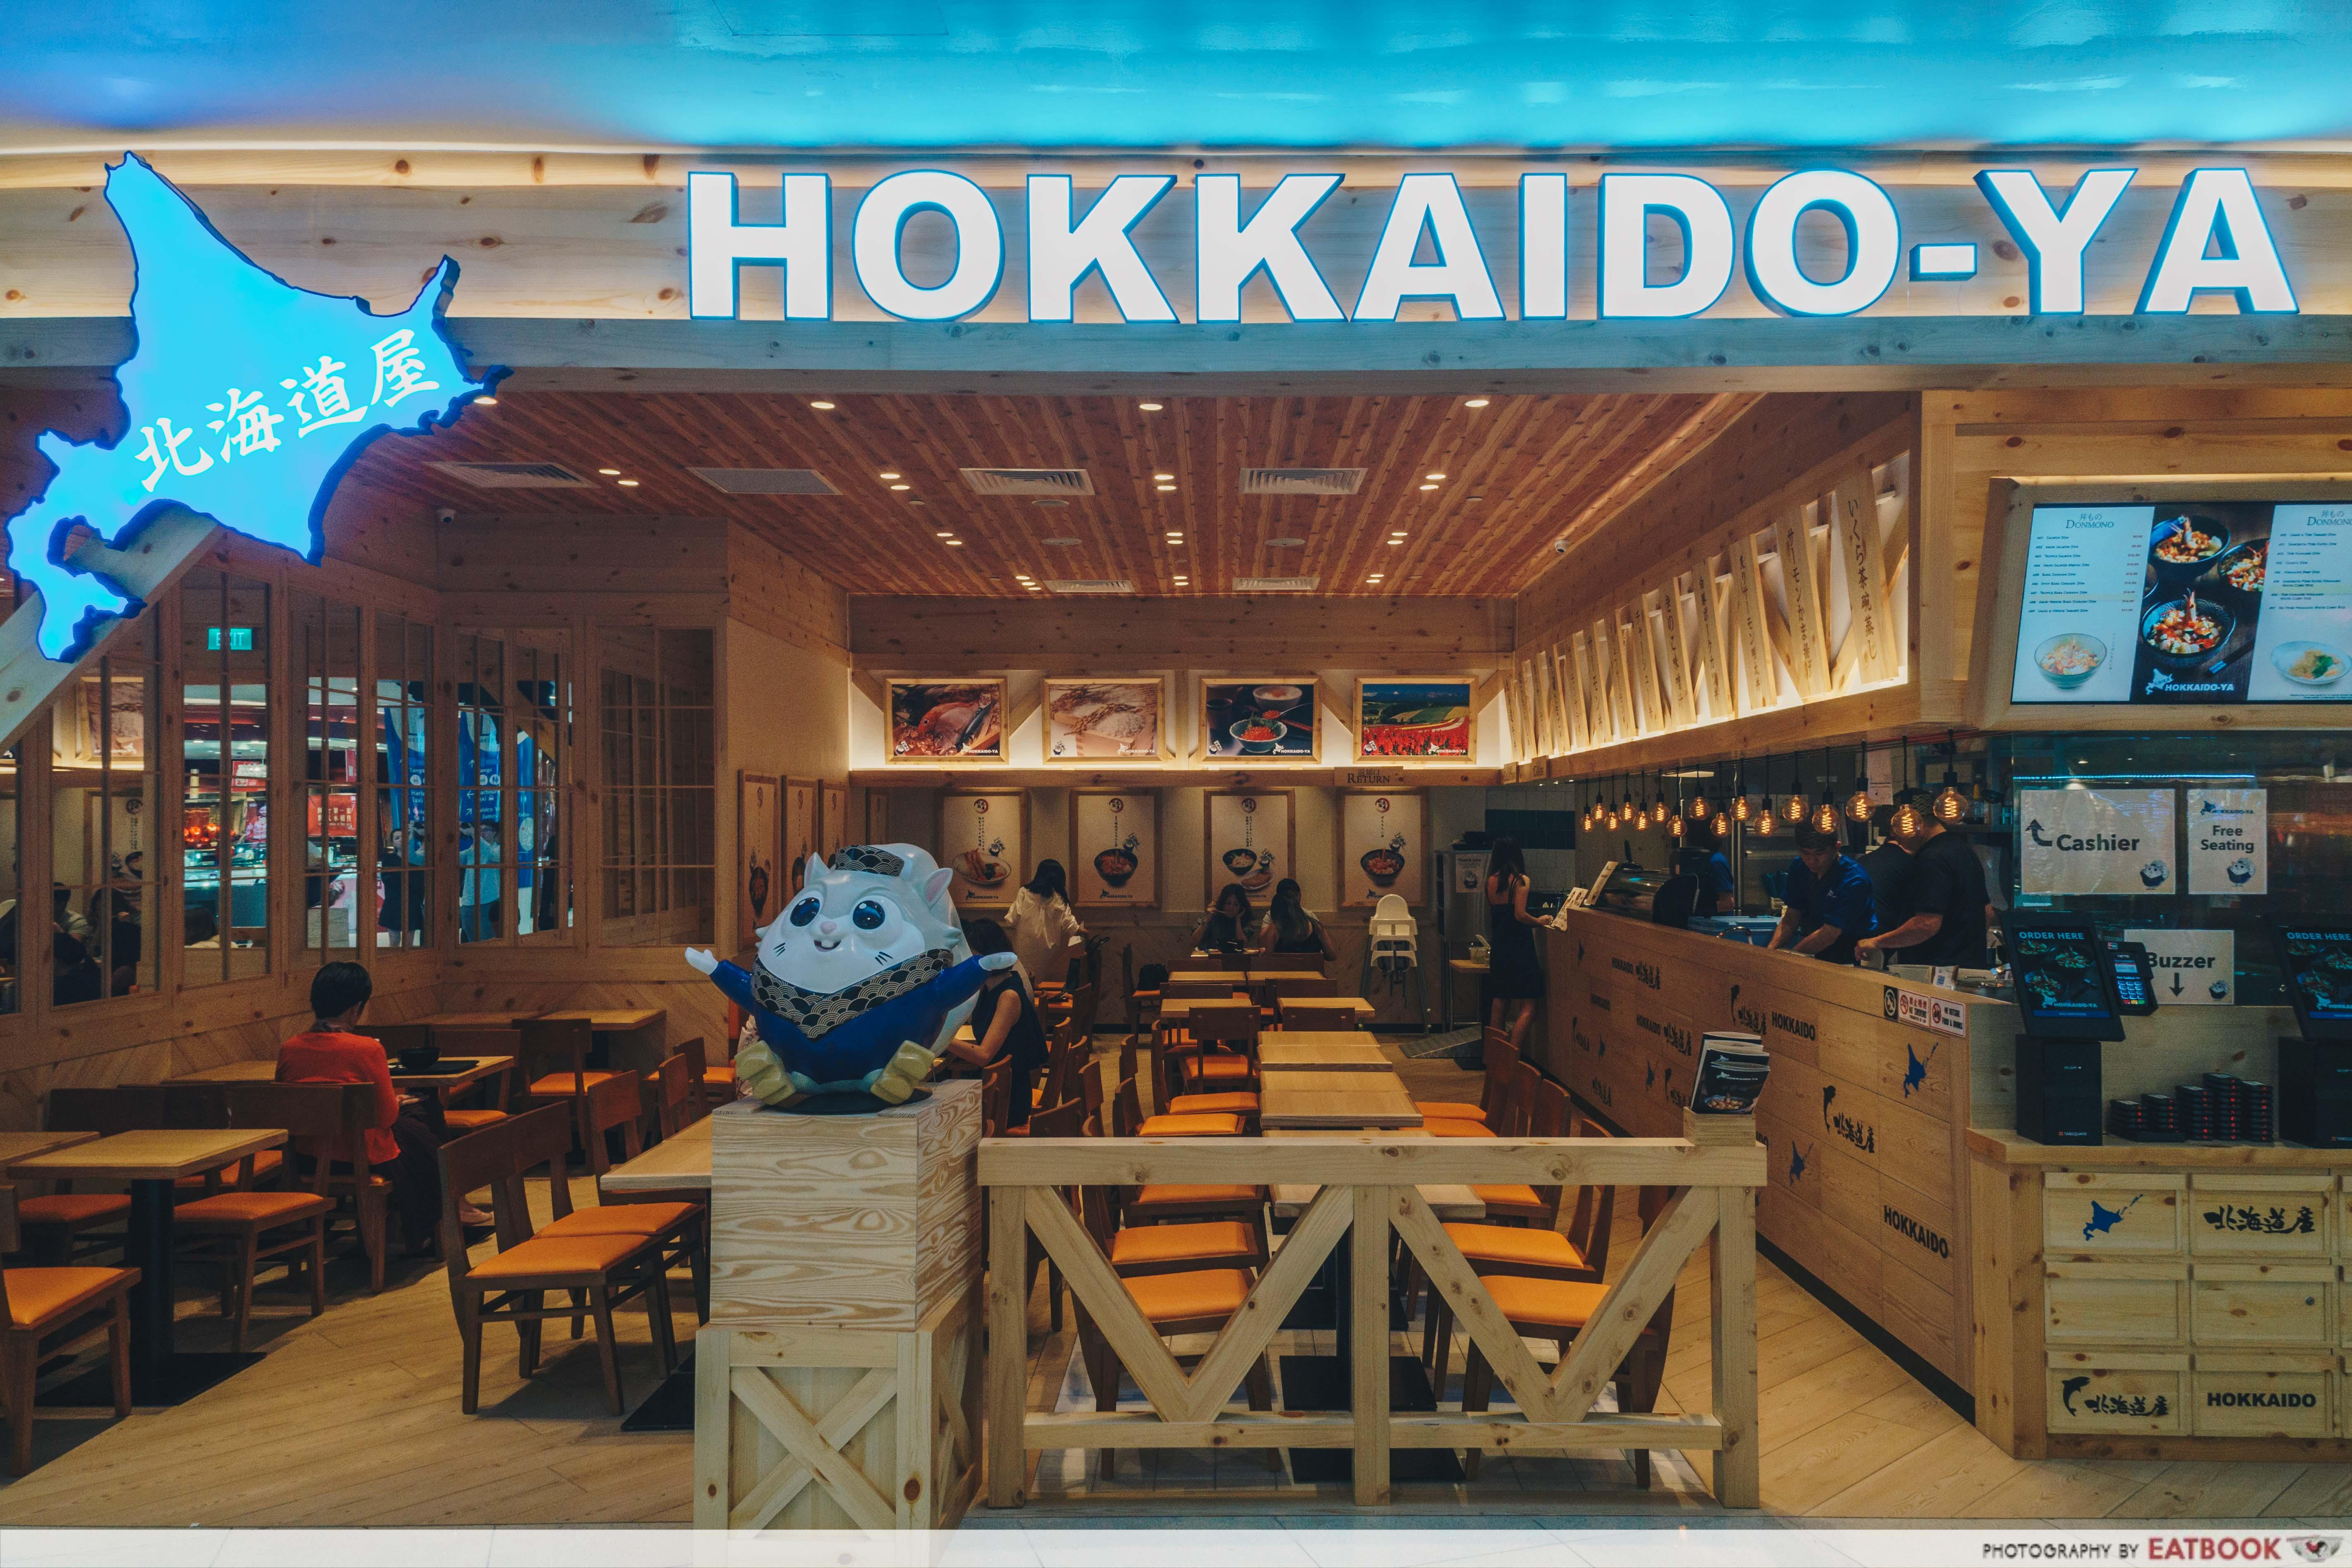 Hokkaido-Ya - Storefront